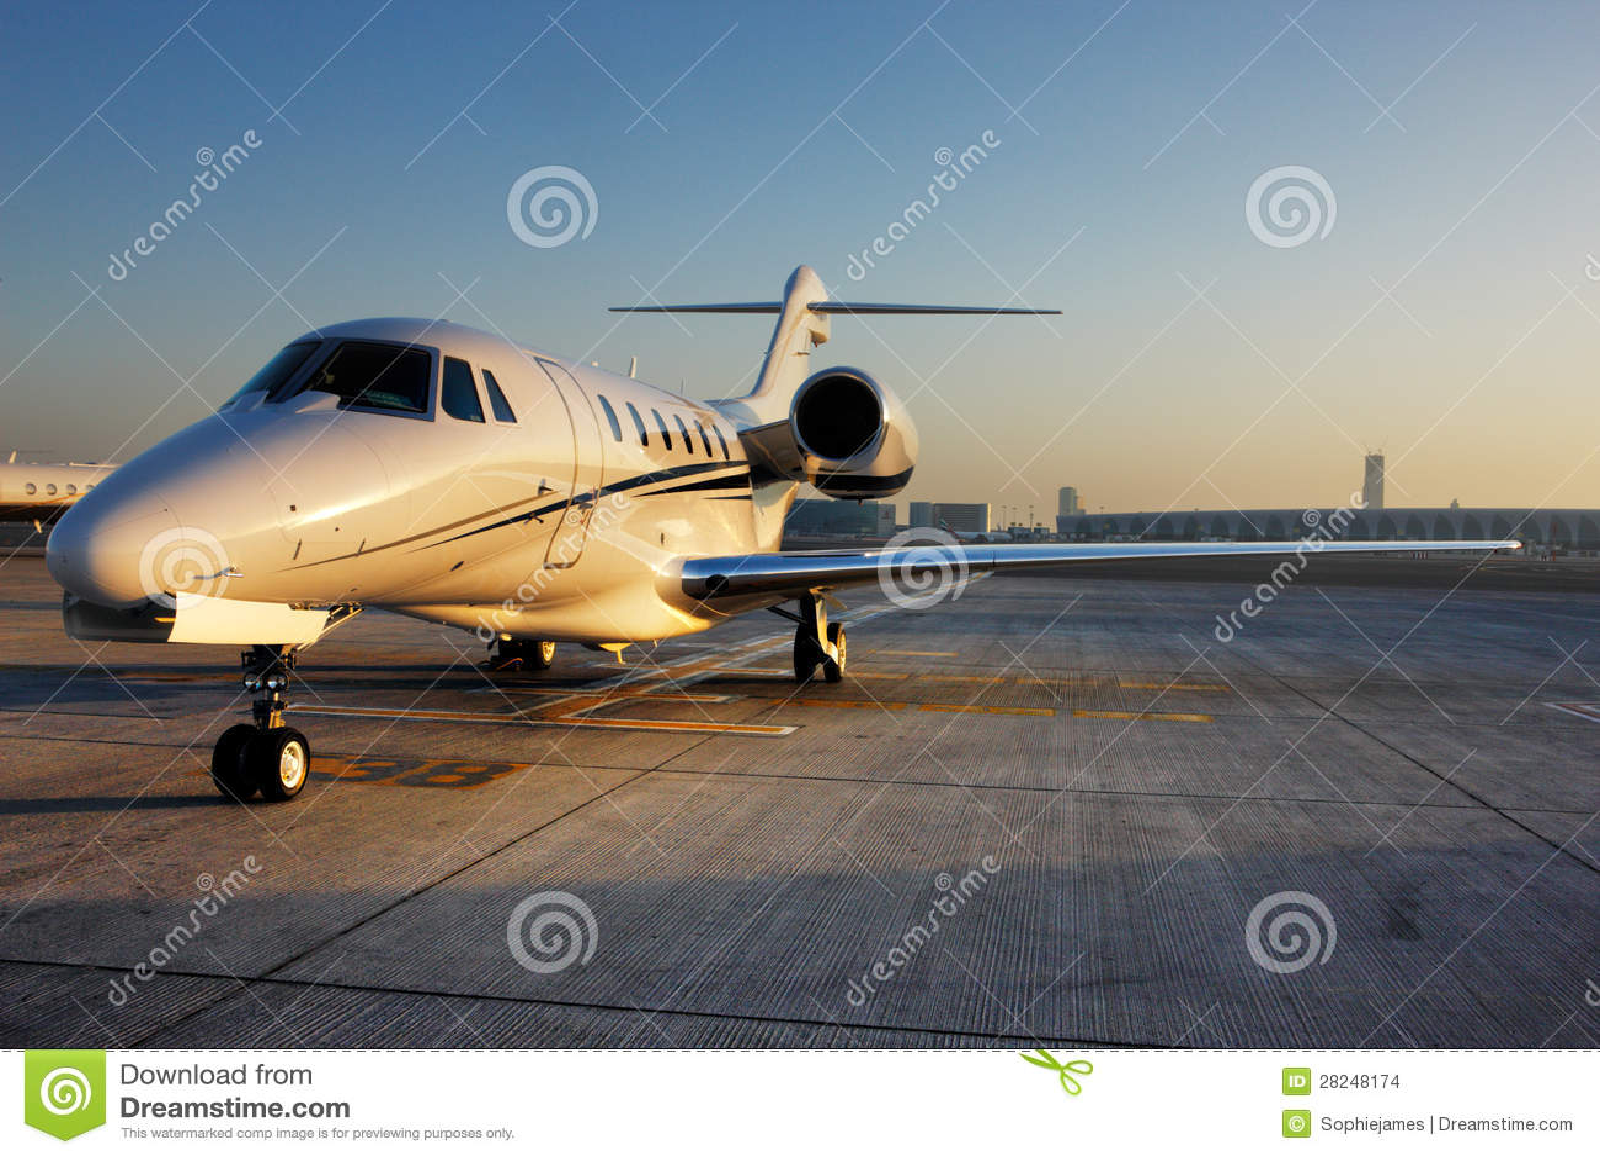 Jet Privato Volo Vuoto : Bella forma di un jet privato fotografia stock immagine